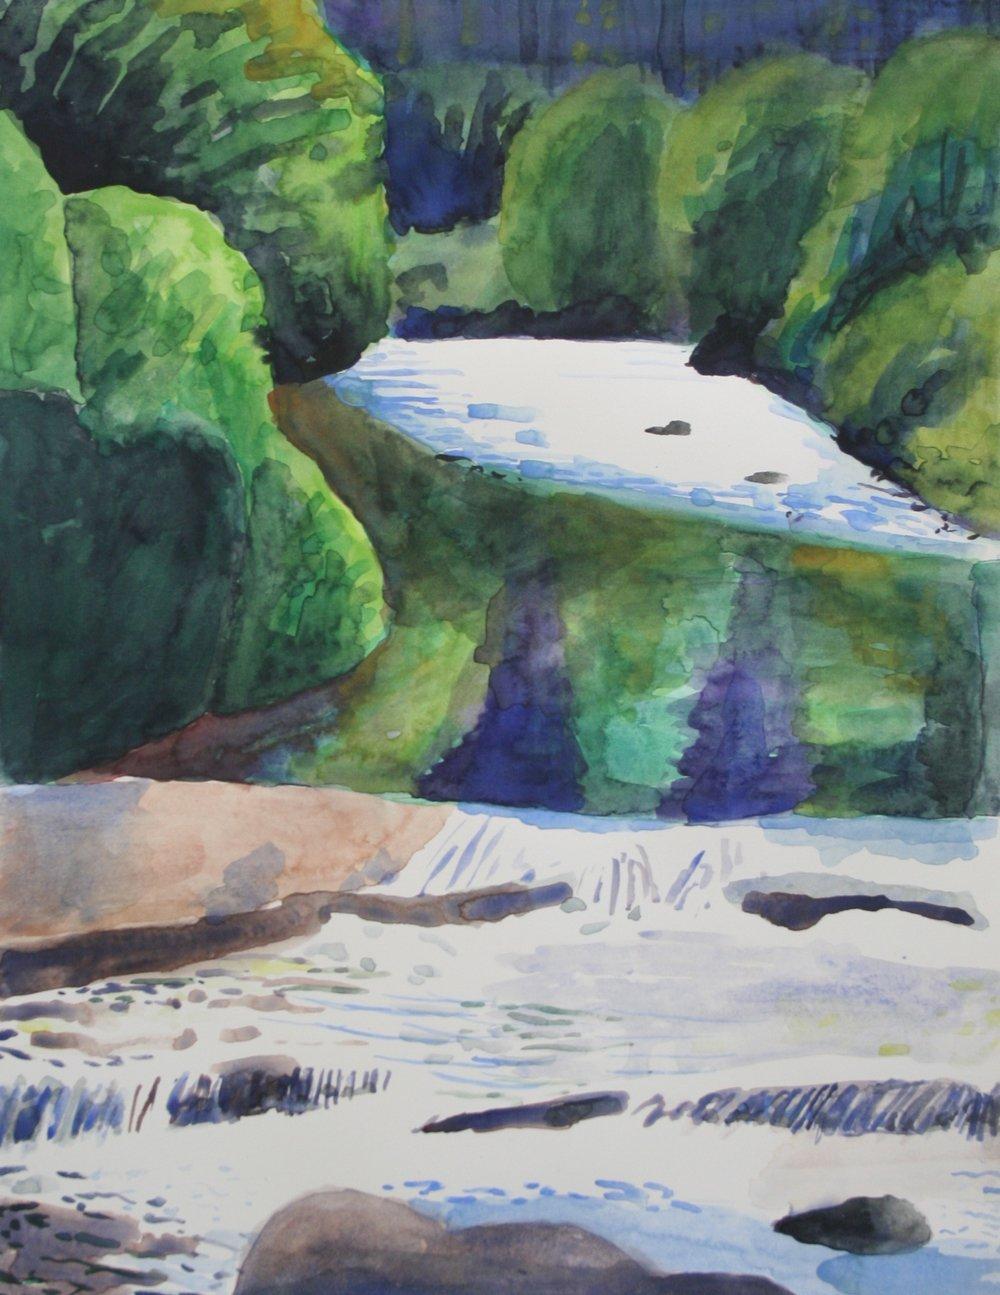 River rush 2, Watercolor, 10.5 x 8 in, 2016